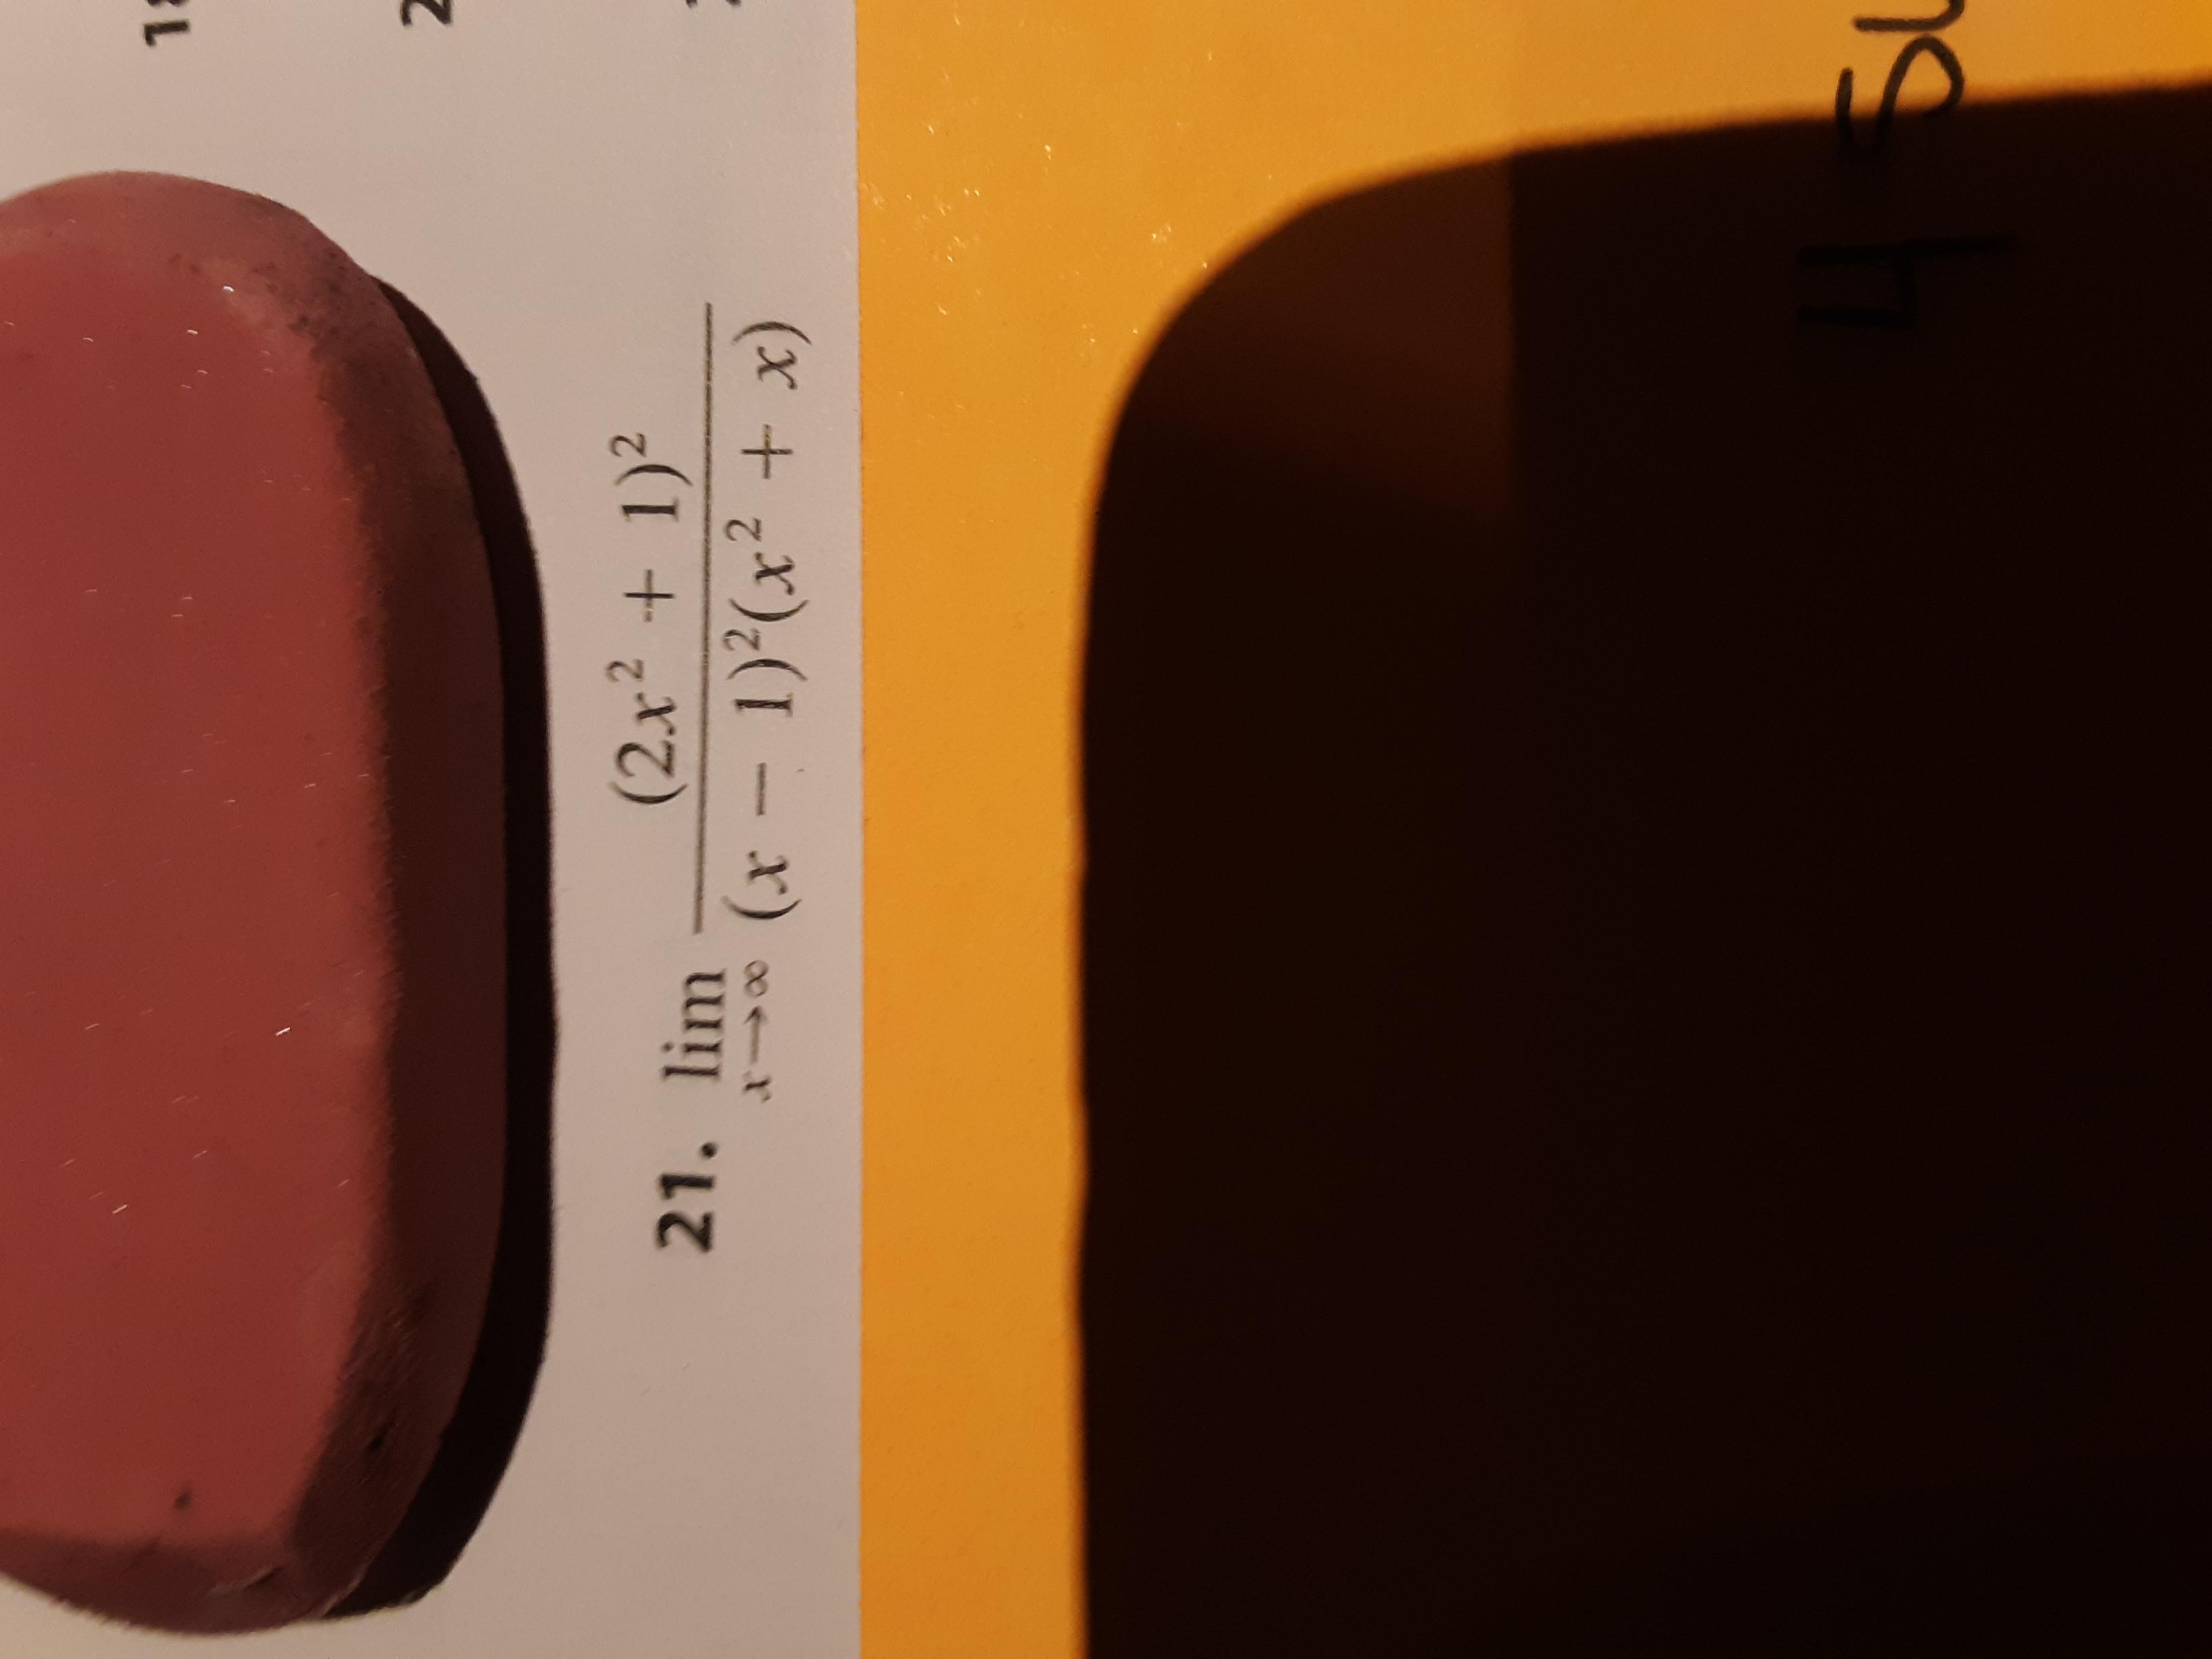 12 2 (2x² + 1)² 21. lim (x-1)*(x² + x)